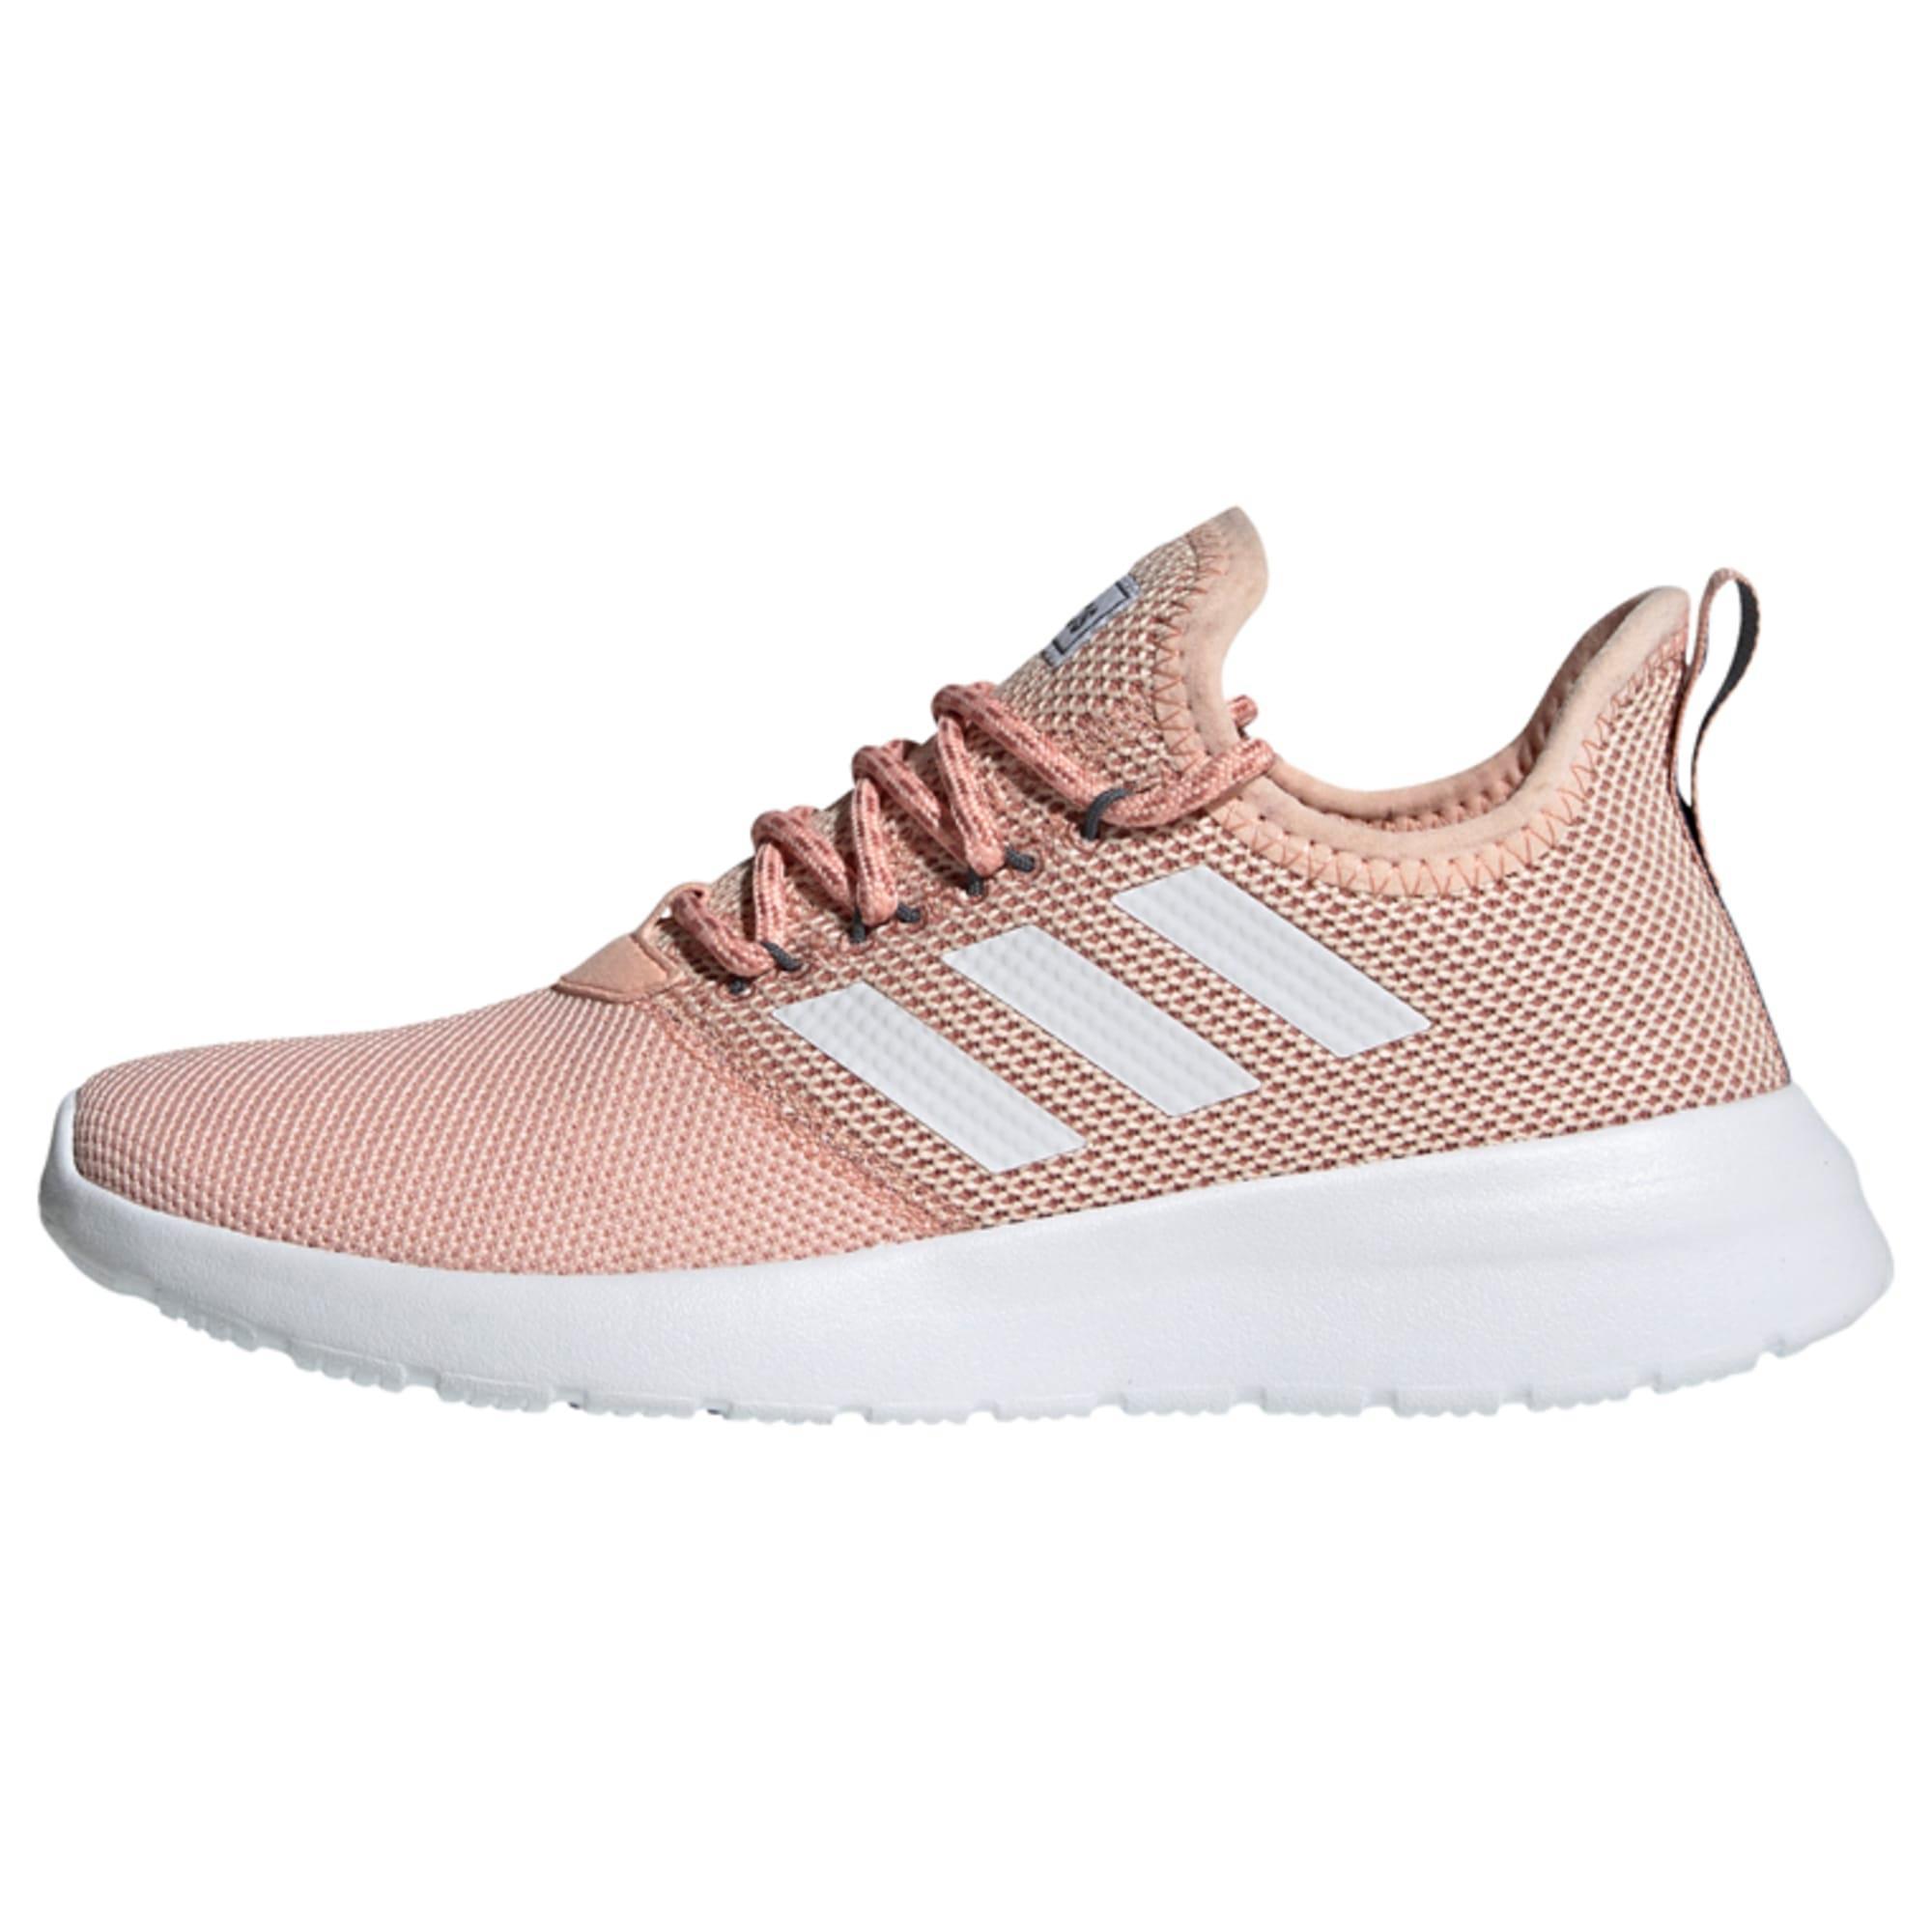 adidas Lite Racer Reborn Schuh Laufschuhe Damen Glow Pink Cloud White Onix im Online Shop von SportScheck kaufen